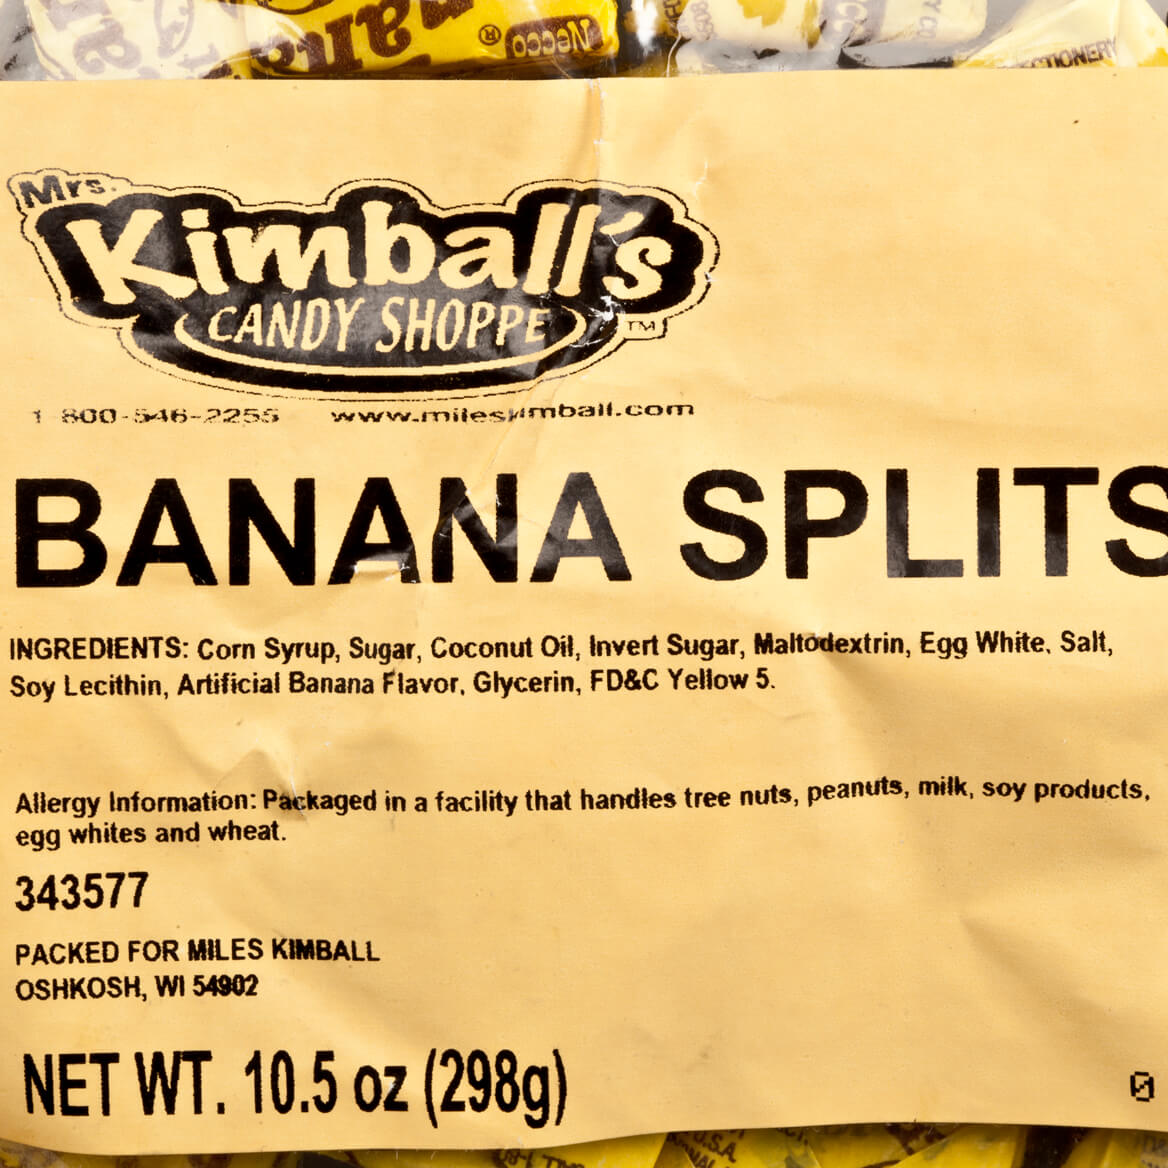 Necco® Banana Split Chews, 10.5 oz.-343577